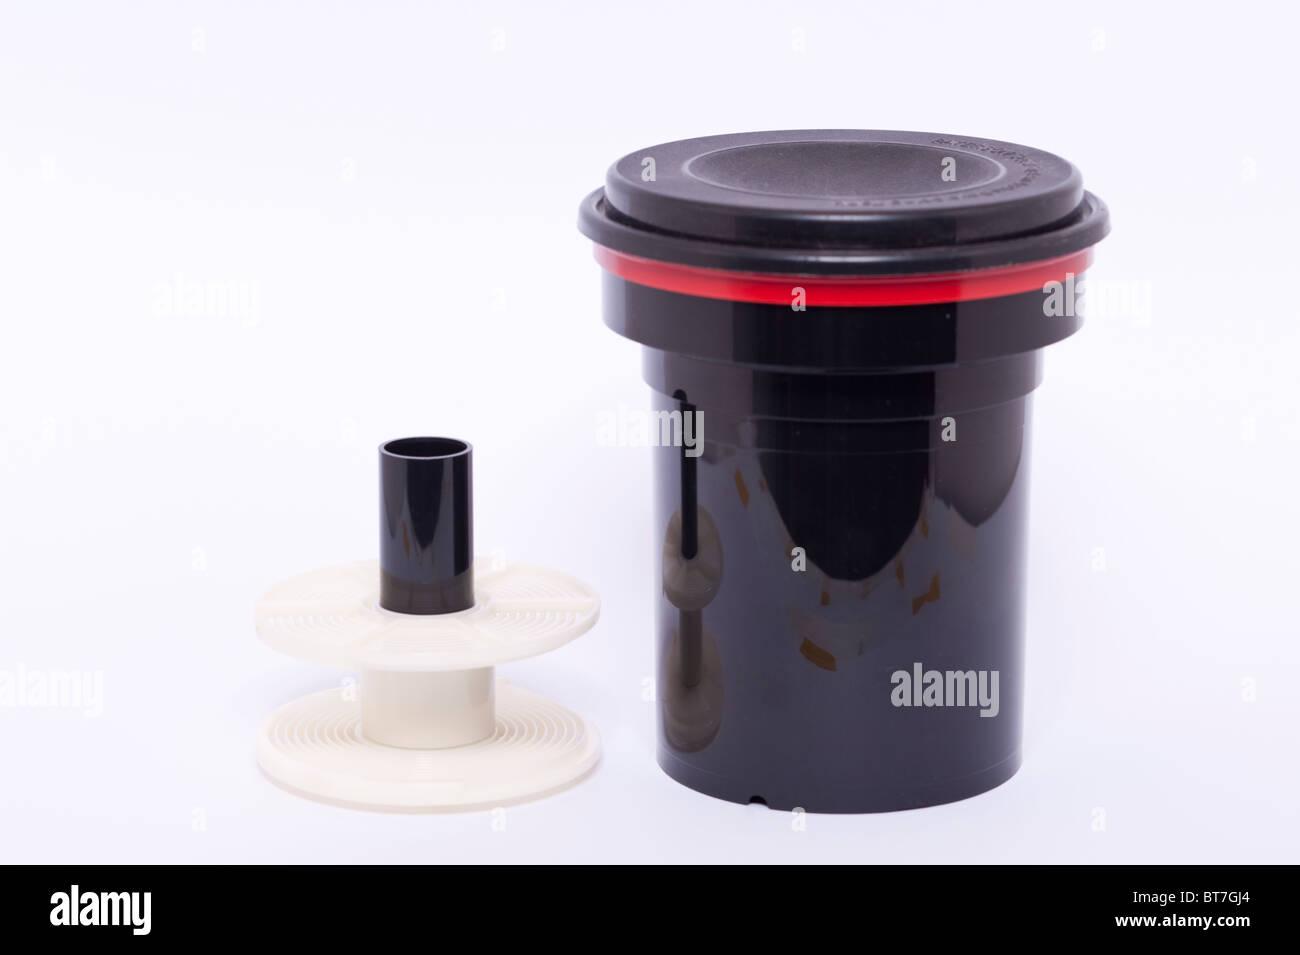 Una foto de una cubeta para desarrollar 35mm o 120 películas sobre un fondo blanco. Imagen De Stock